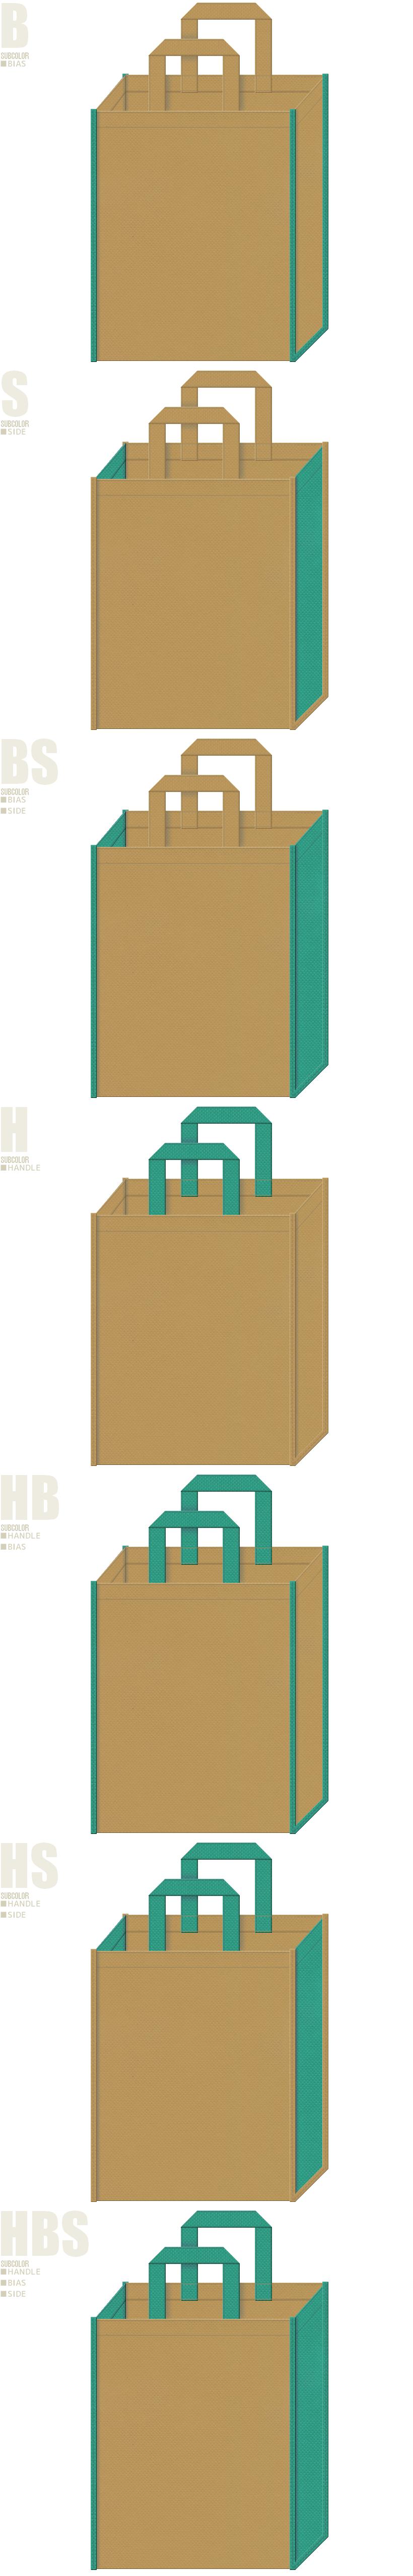 農業・肥料・種苗・園芸用品・DIYの展示会用バッグにお奨めの不織布バッグデザイン:マスタード色と青緑色の配色7パターン